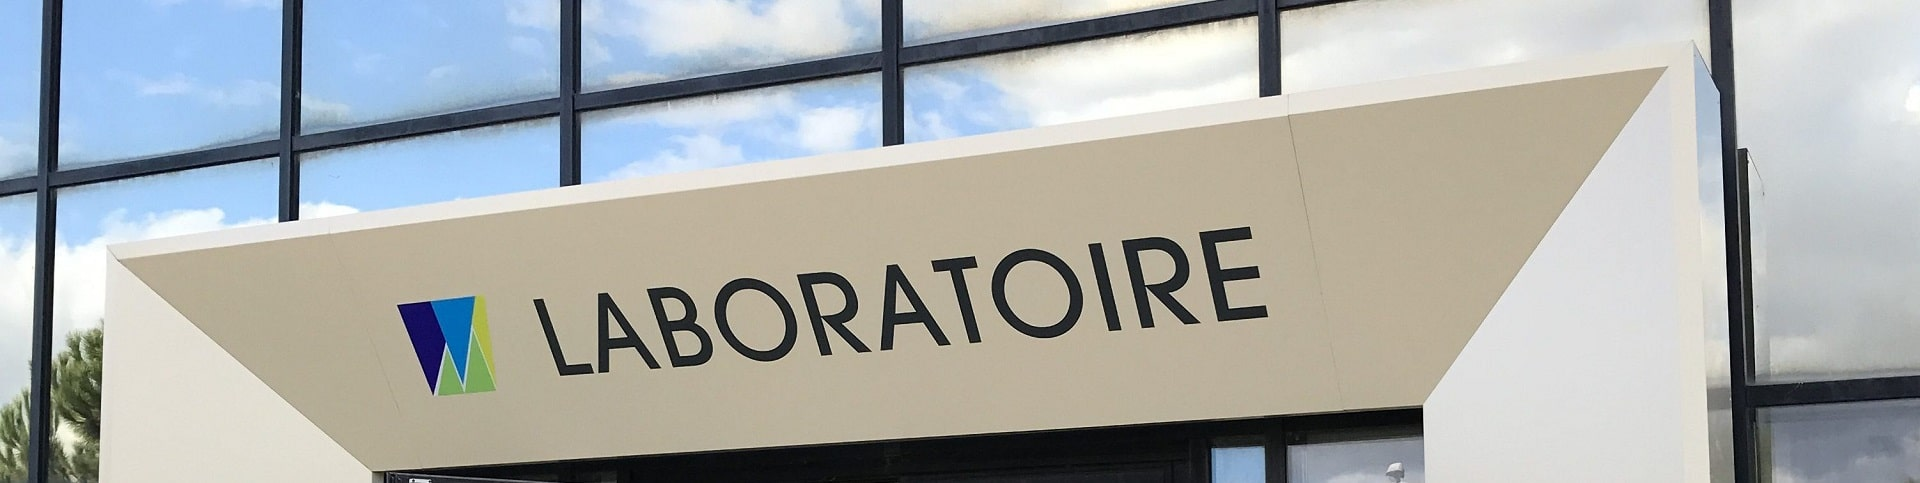 Comment venir dans notre laboratoire d'analyse médicale à Narbonne ?